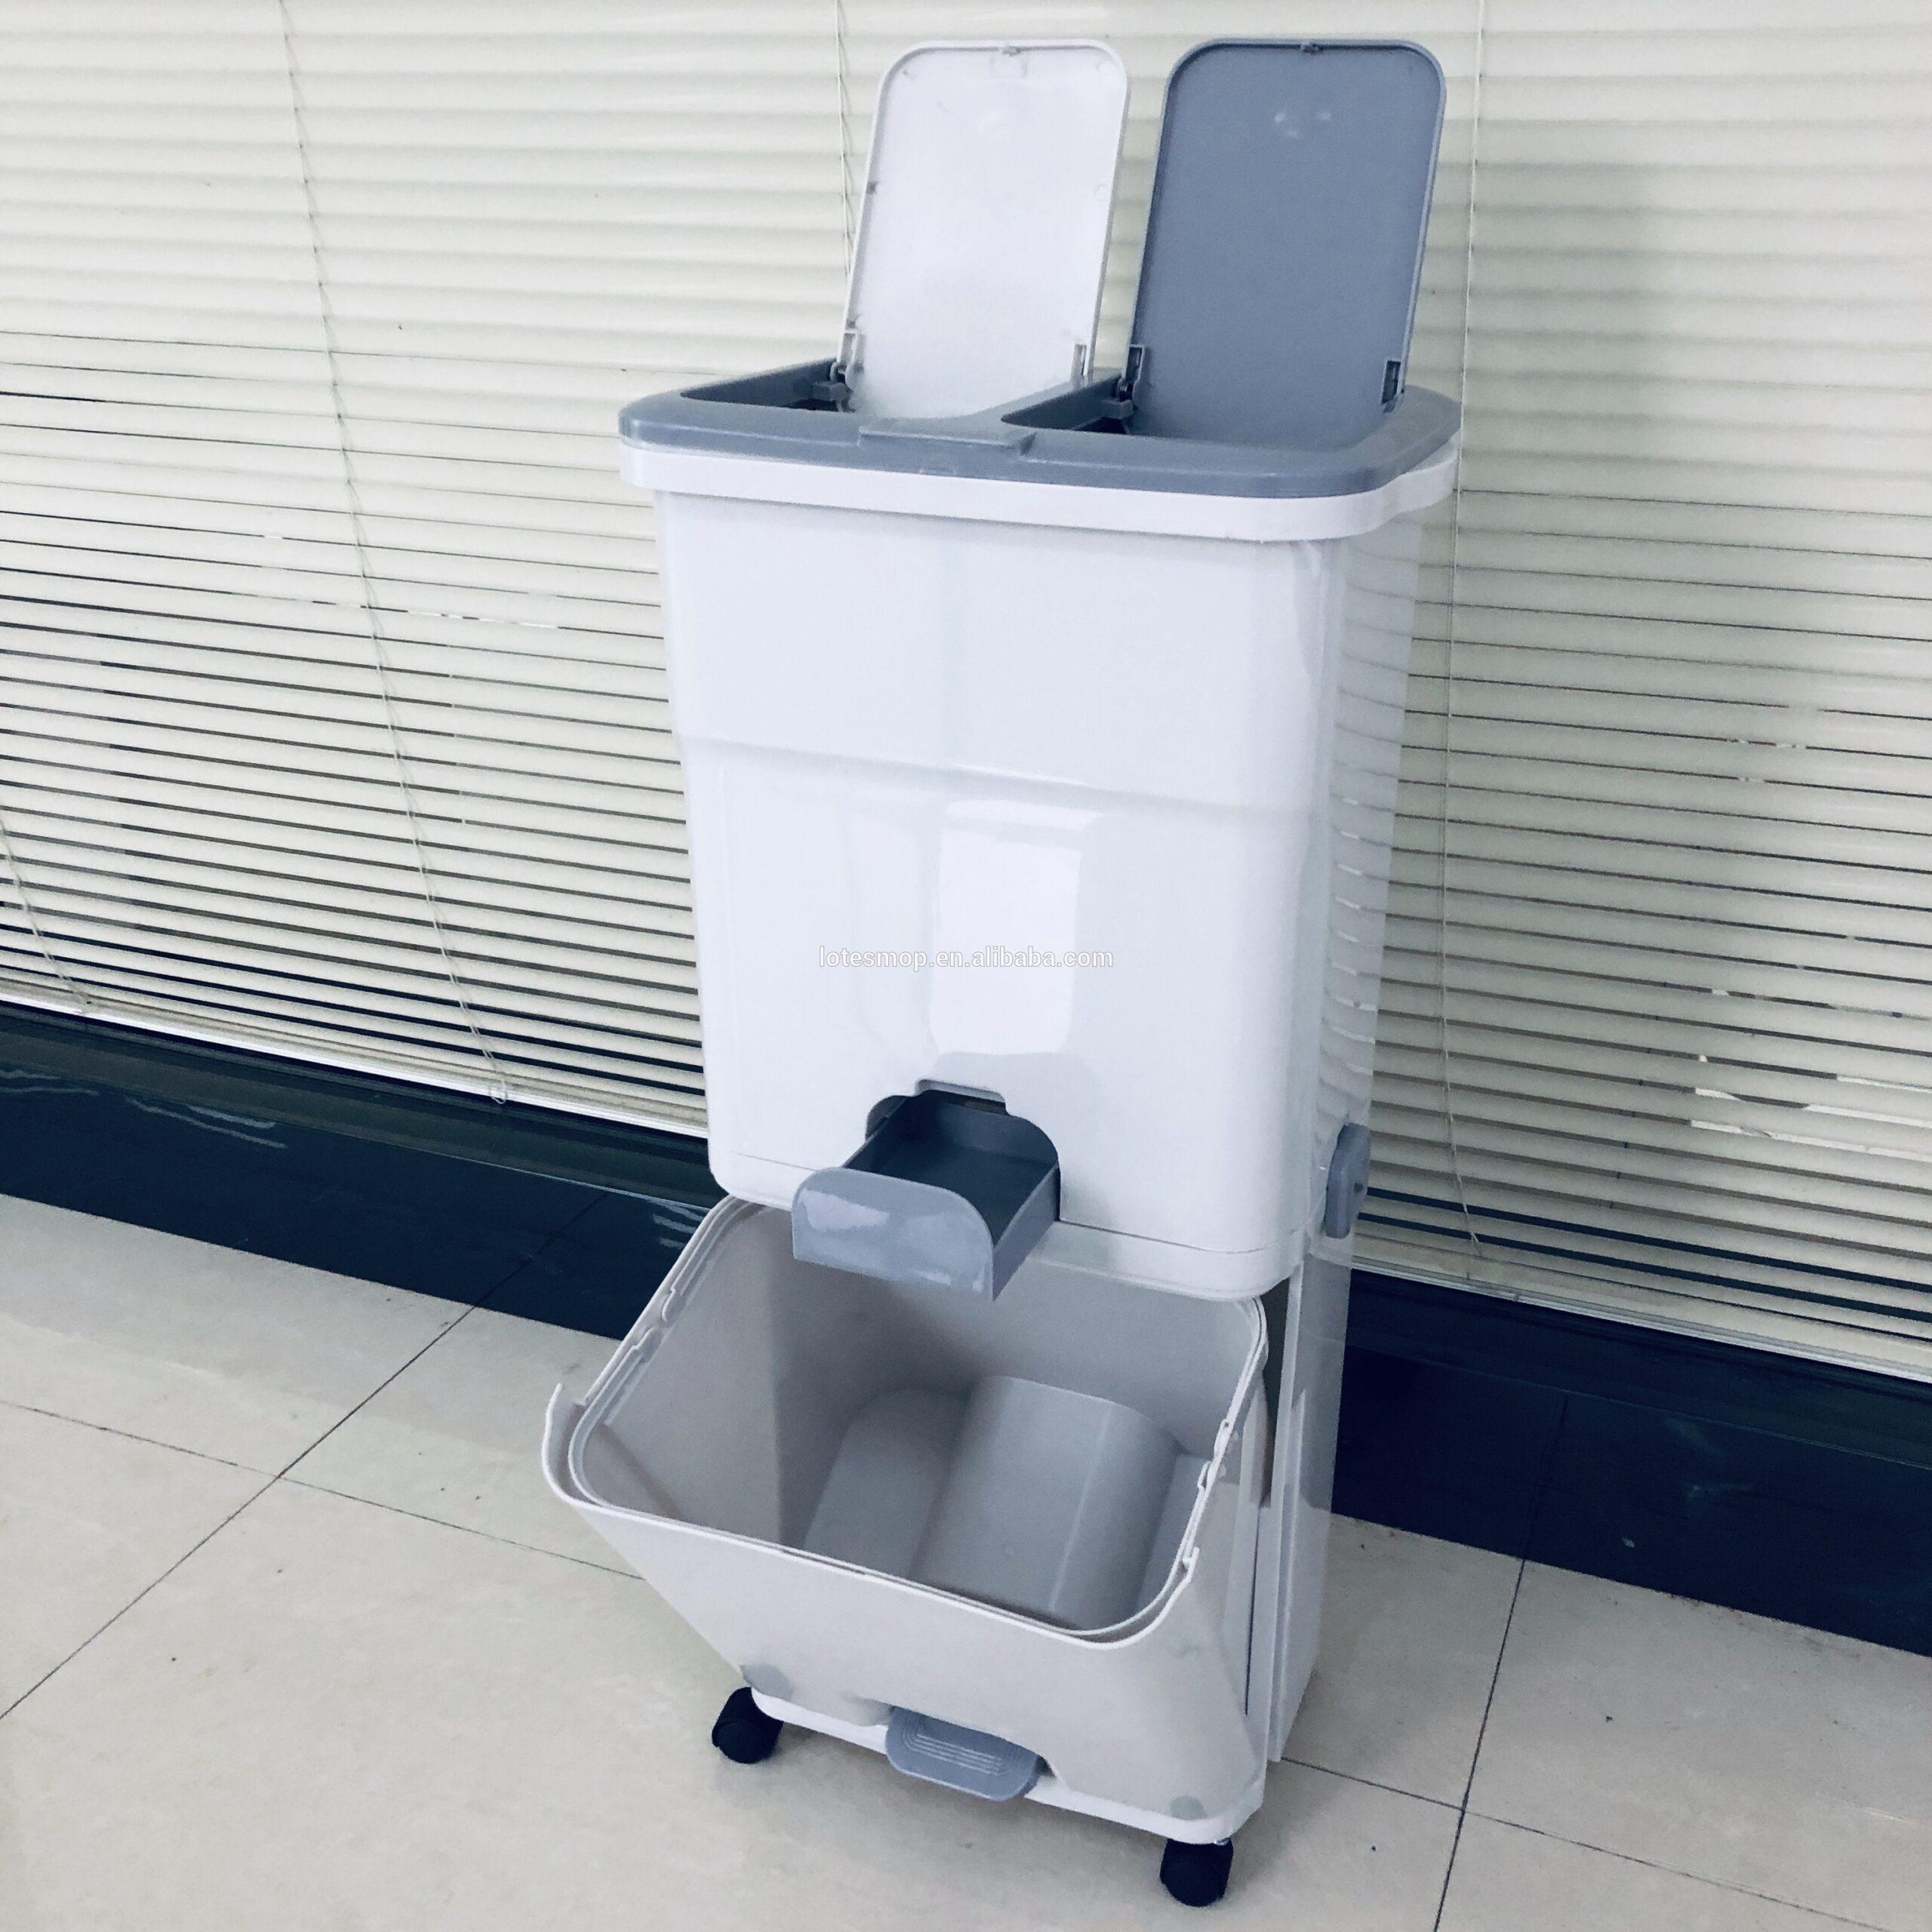 Full Size of Doppel Mülleimer Kaufen Sie Mit Niedrigem Preis Stck Sets Grohandel Küche Einbau Doppelblock Wohnzimmer Doppel Mülleimer